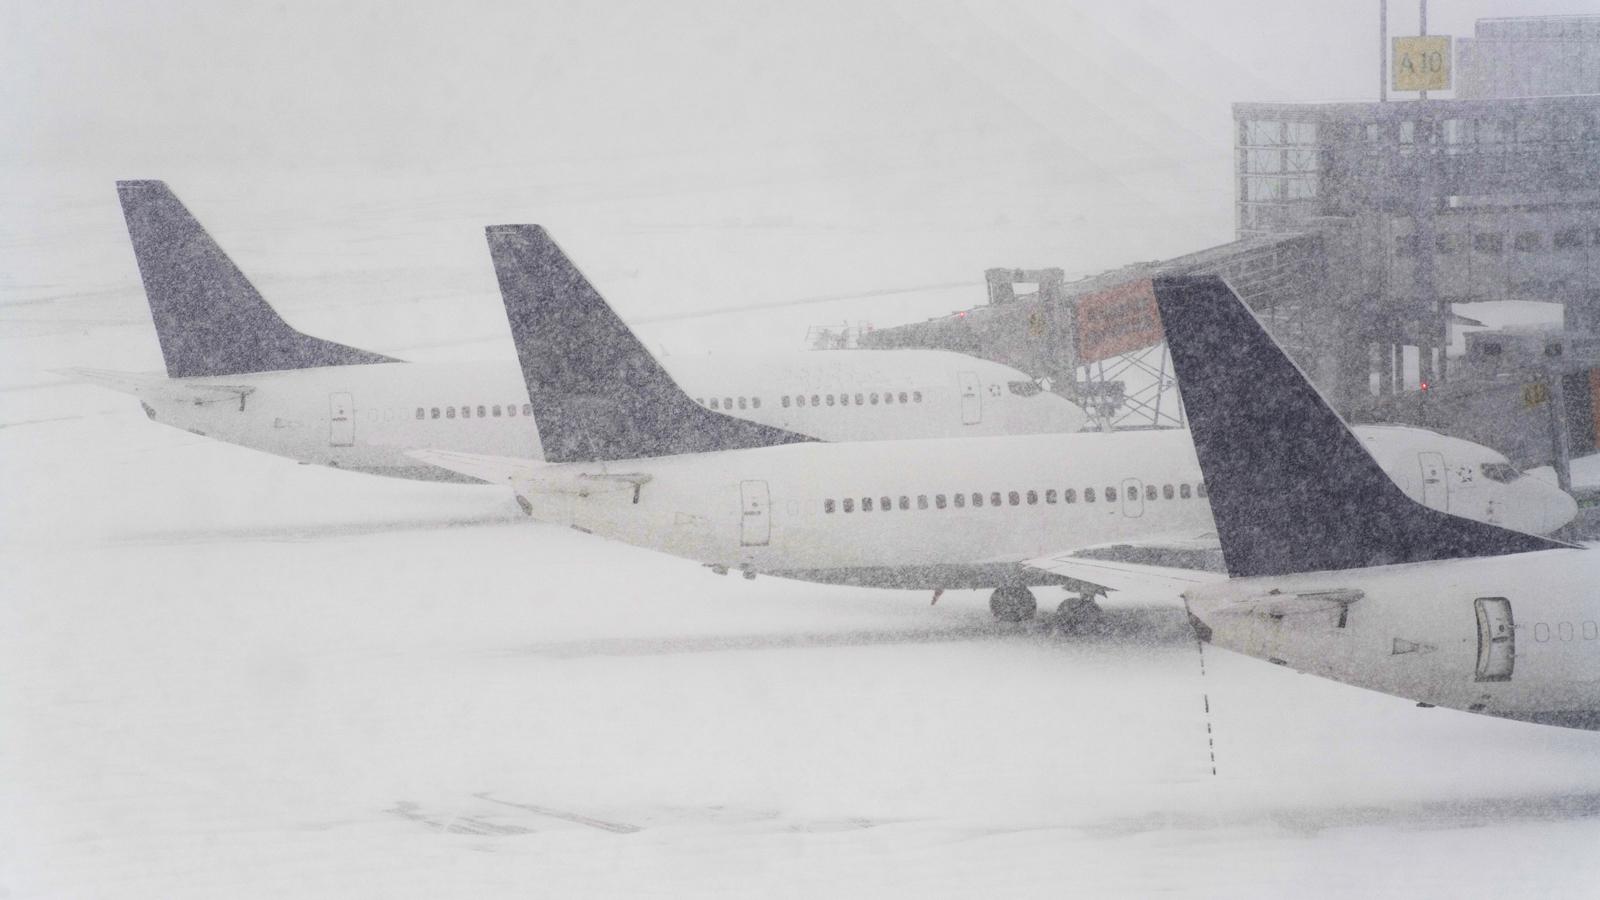 Ваэропортах столицы были отменены неменее 40 рейсов